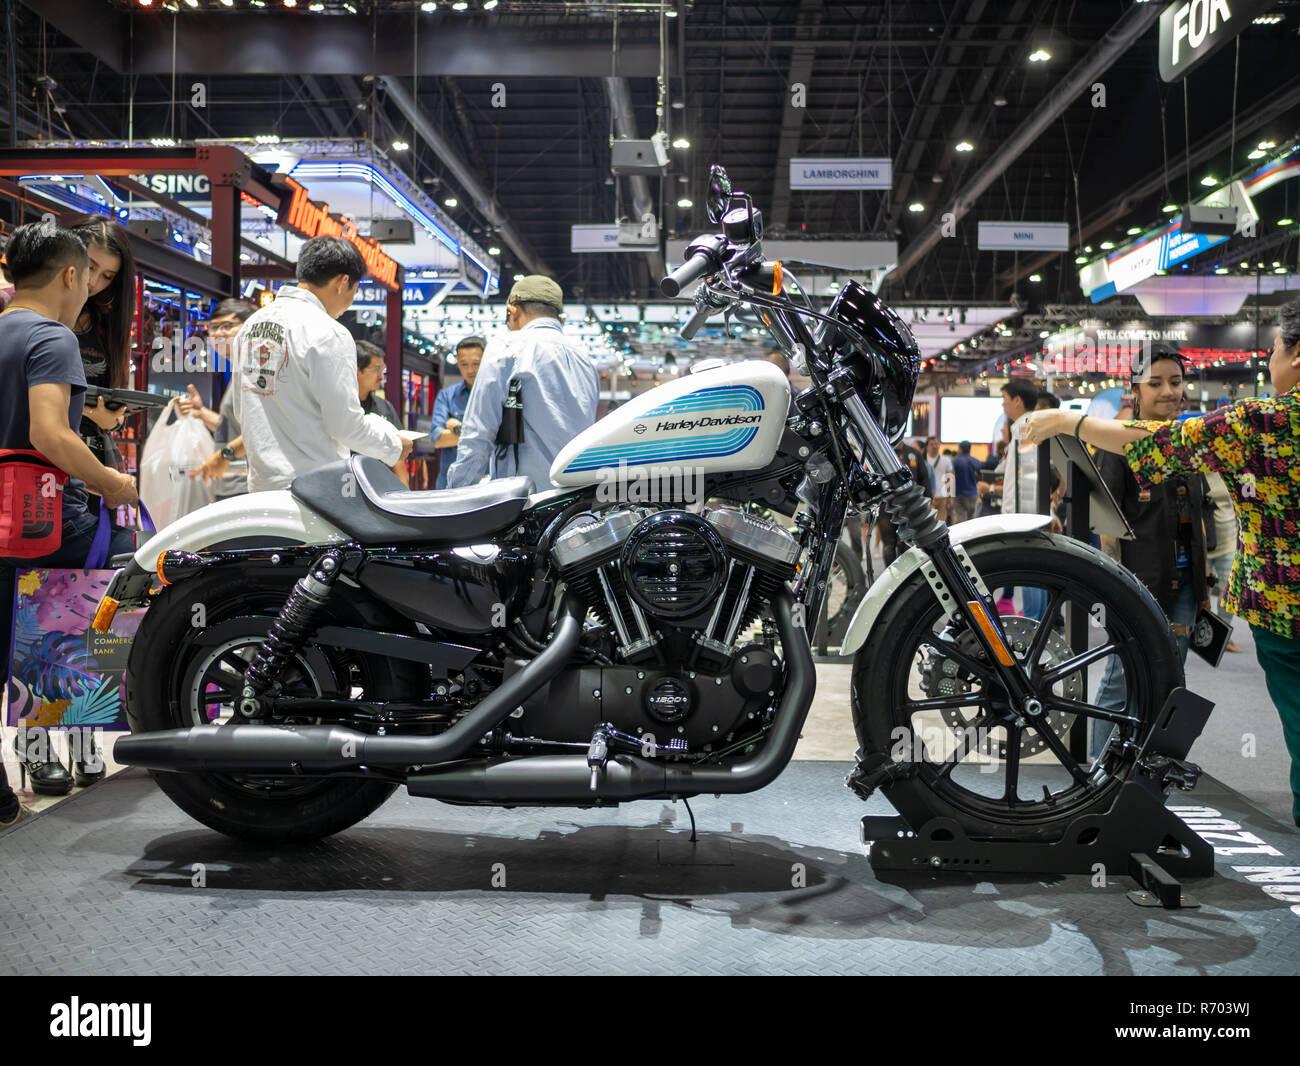 Bangkok Thailand November 30 2018 Harley Davidson Motorcycle